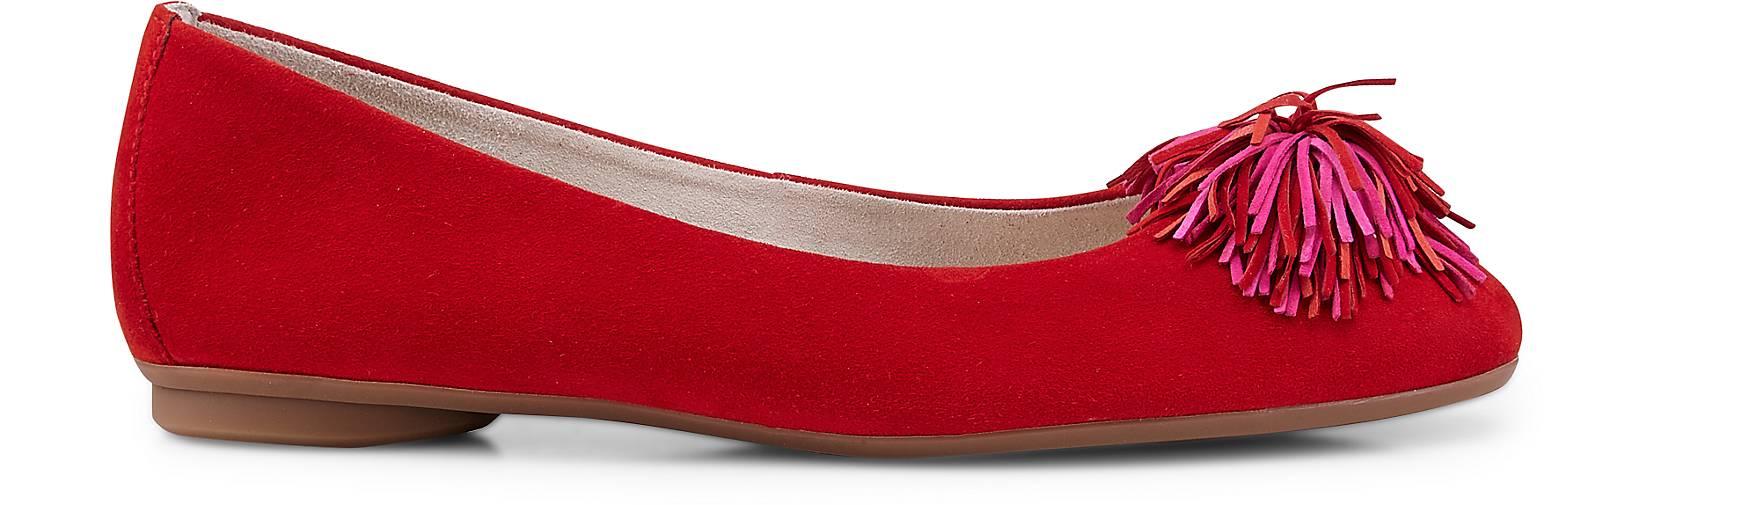 Paul Grün Velours-Ballerina in rot rot rot kaufen - 47549001 GÖRTZ Gute Qualität beliebte Schuhe d4b642